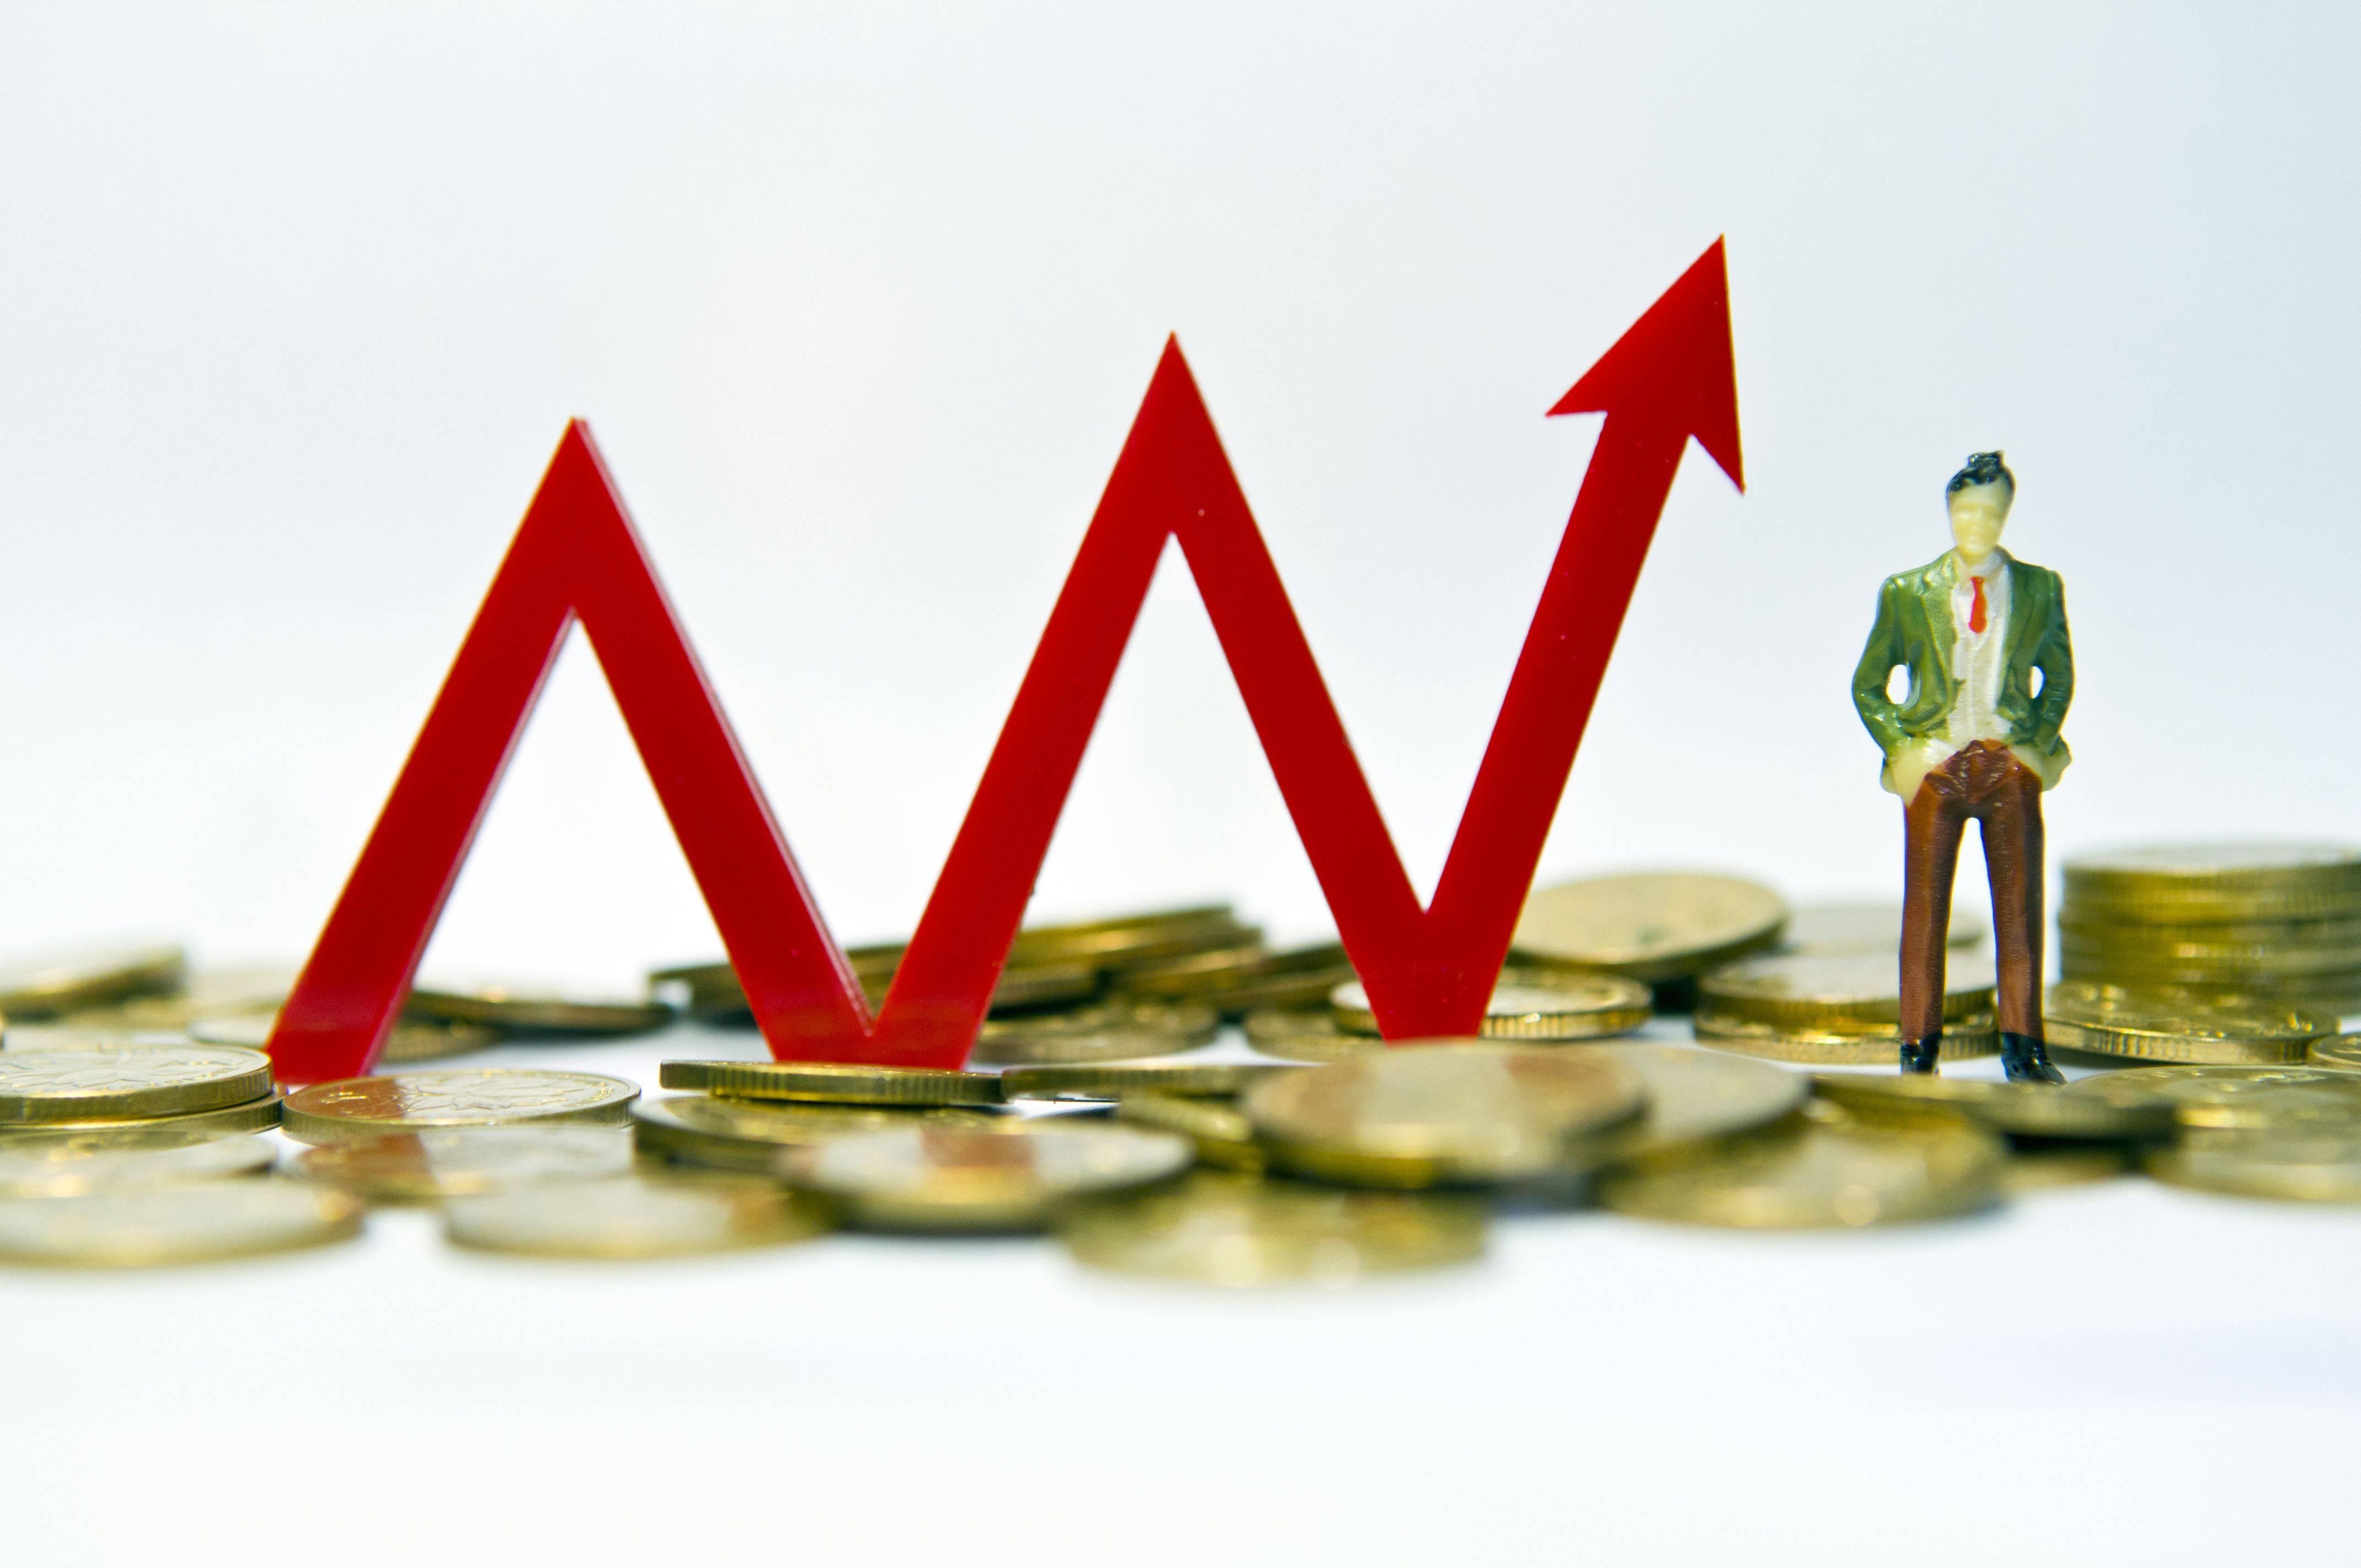 阿托快手为港股吹响了新的号角:中国股市回归或加速了南向资金的持续涌入